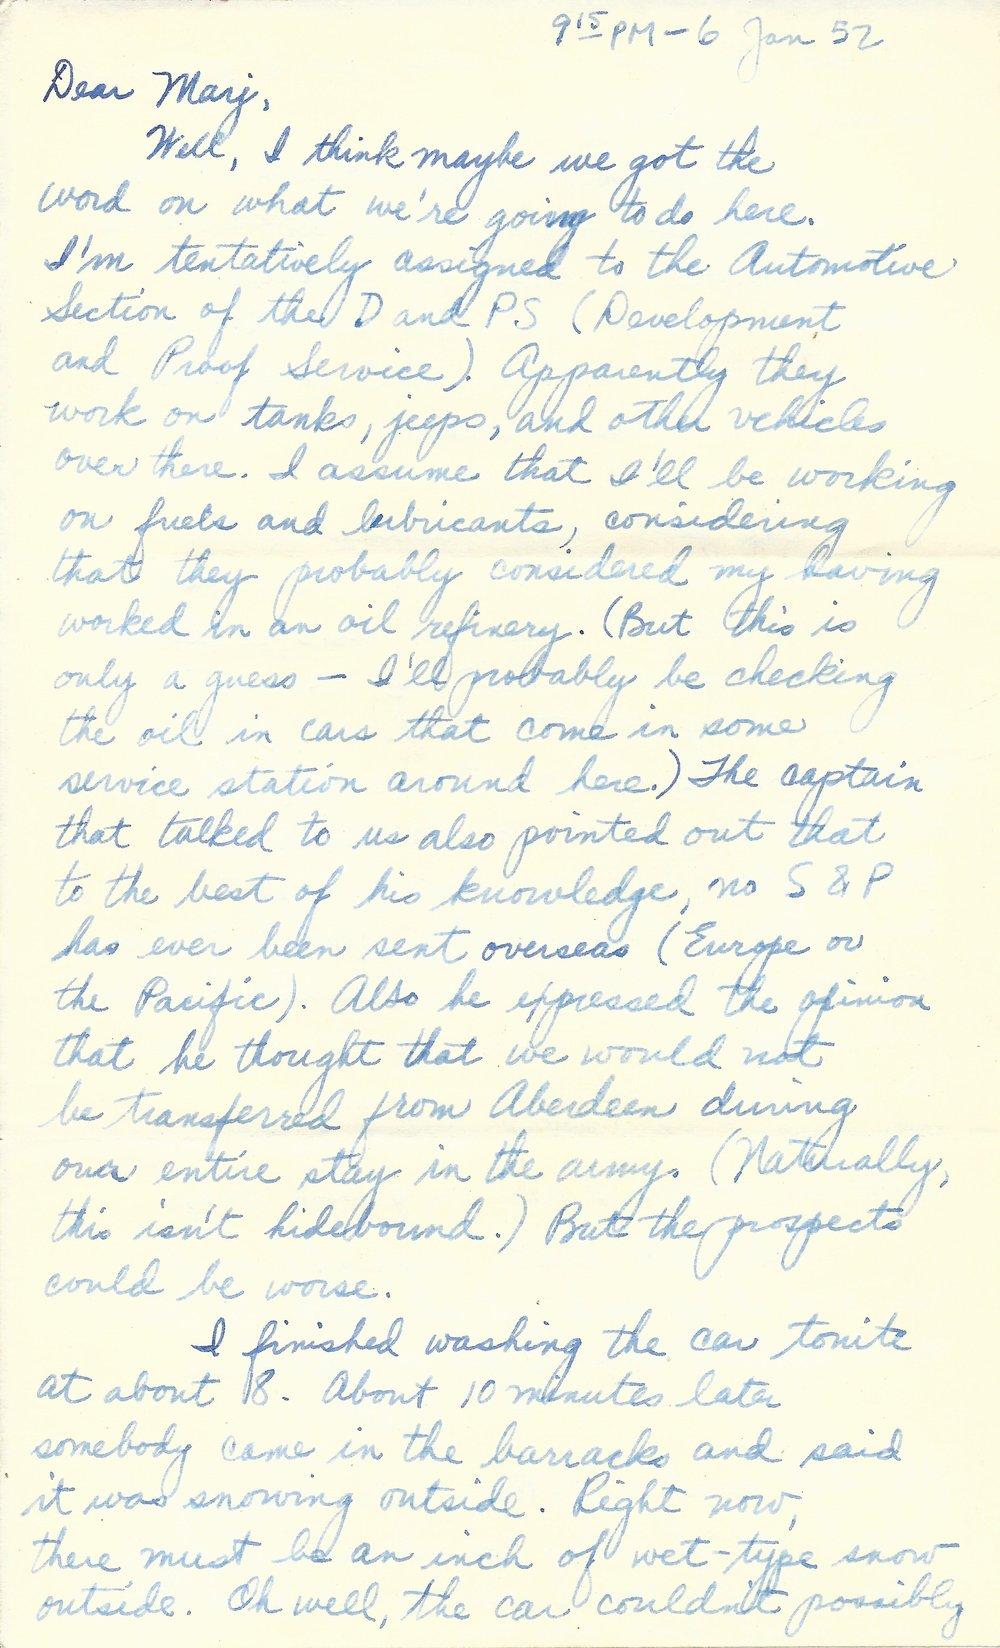 3. Jan. 6, 1953 (Opa)_Page_2.jpg